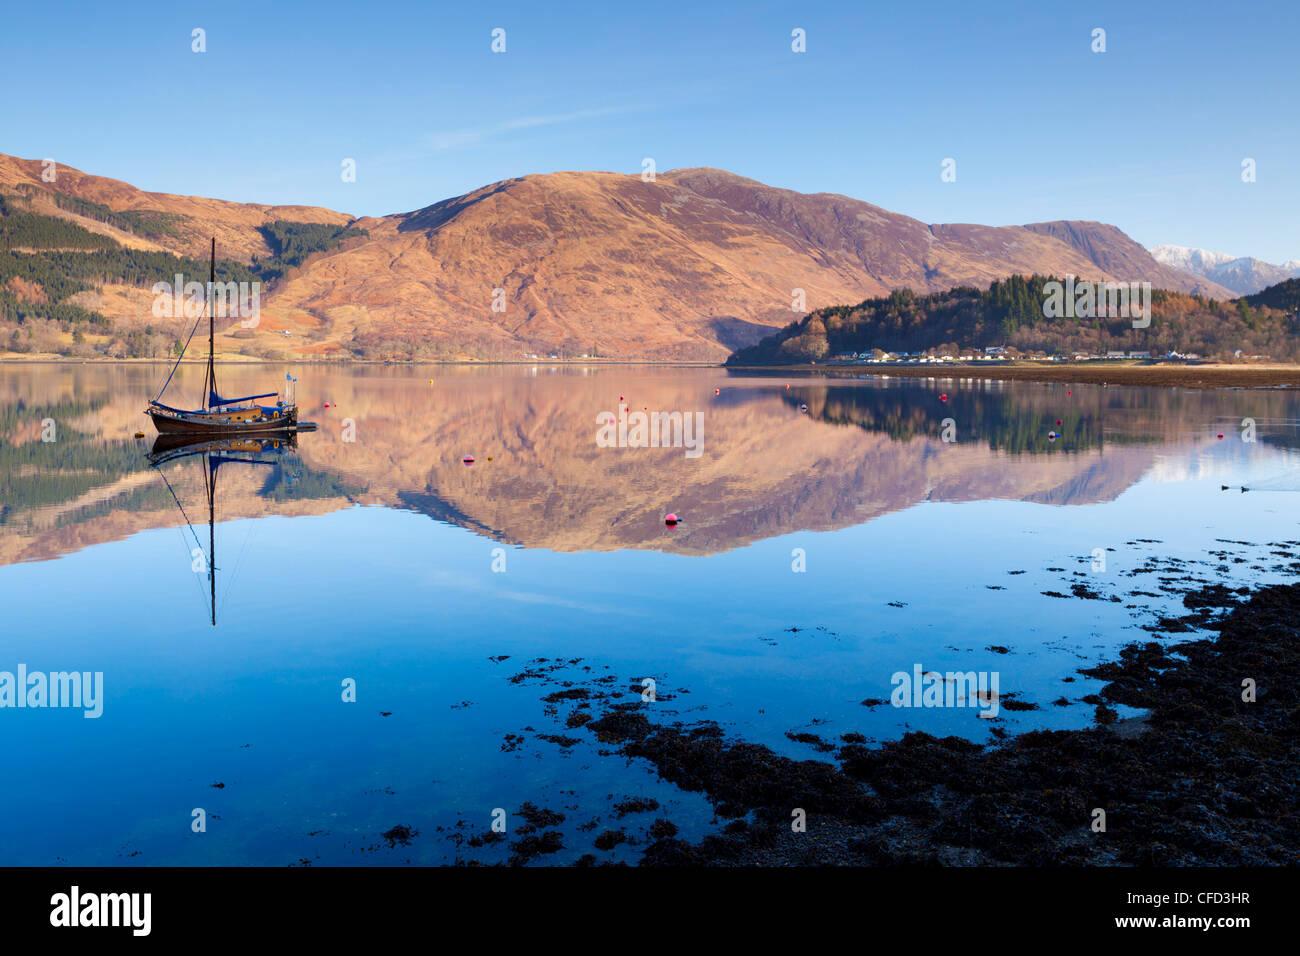 Tranquilo y pintoresco Loch Leven con velero y reflexión de Glen Coe village, Highlands, Scotland, Reino Unido Imagen De Stock